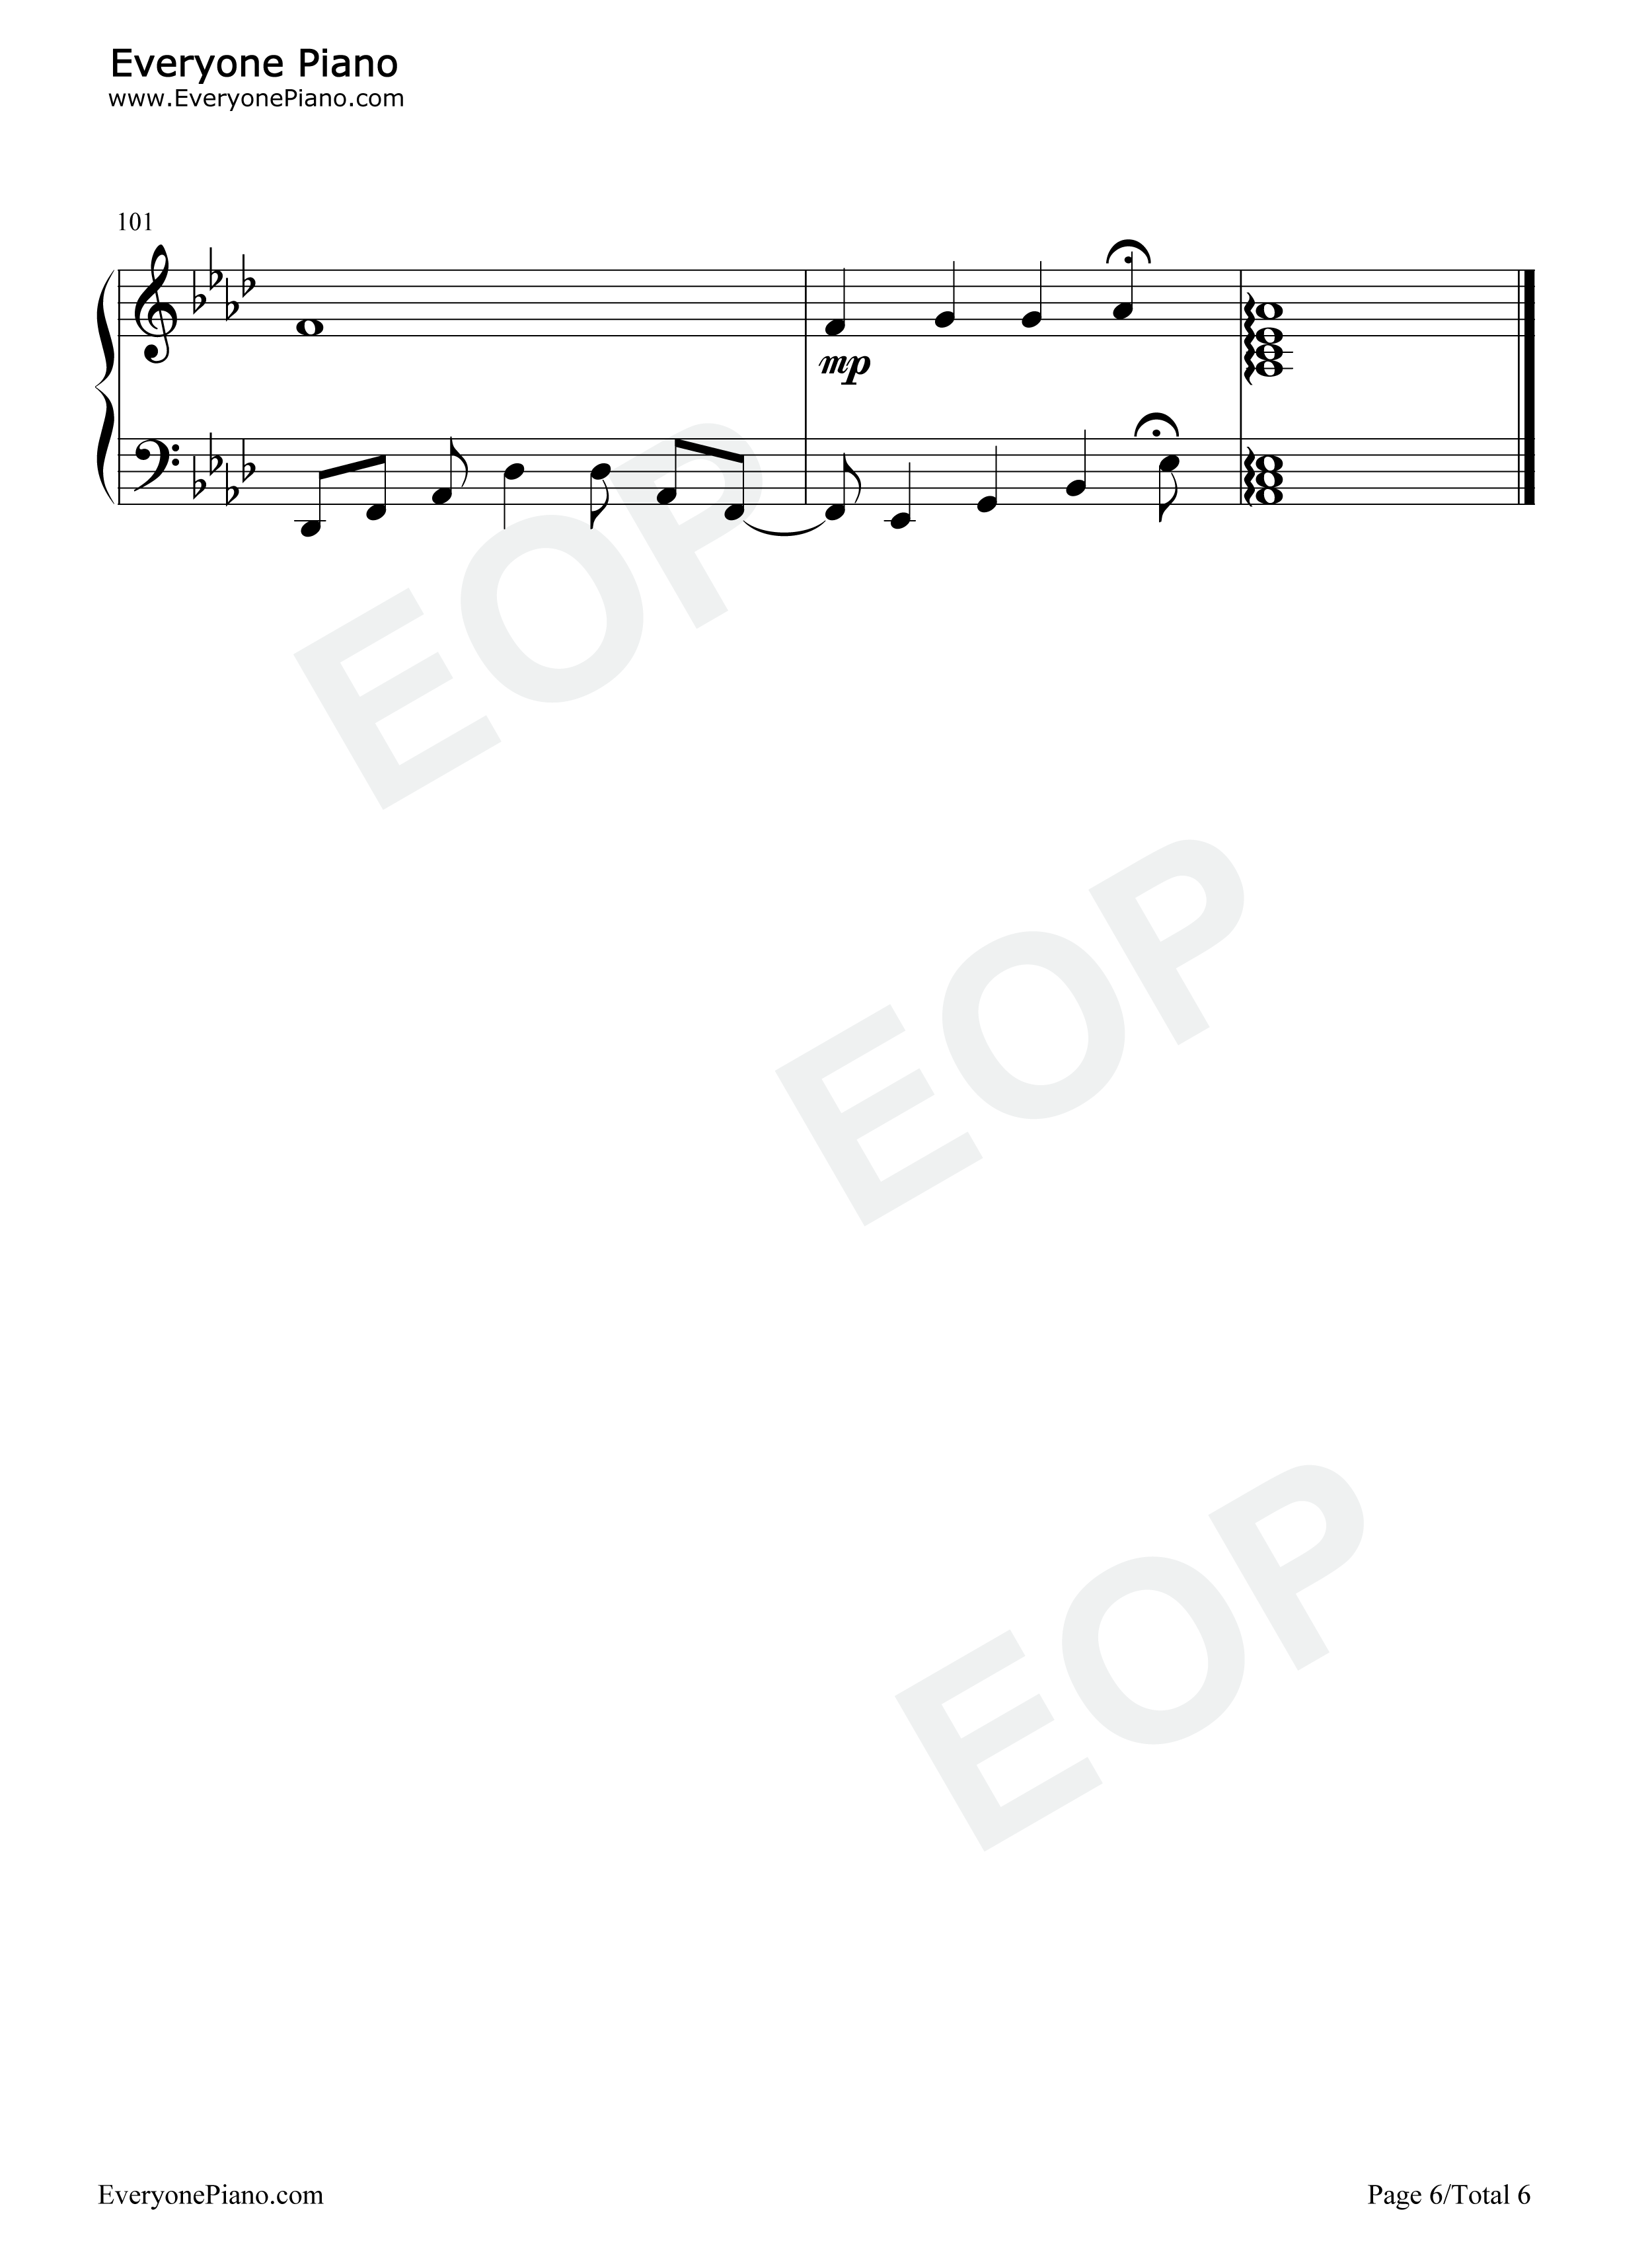 宝贝宝贝的架子鼓谱子-Praise Baby Collection五线谱预览6 钢琴谱档 五线谱 双手简谱 数位